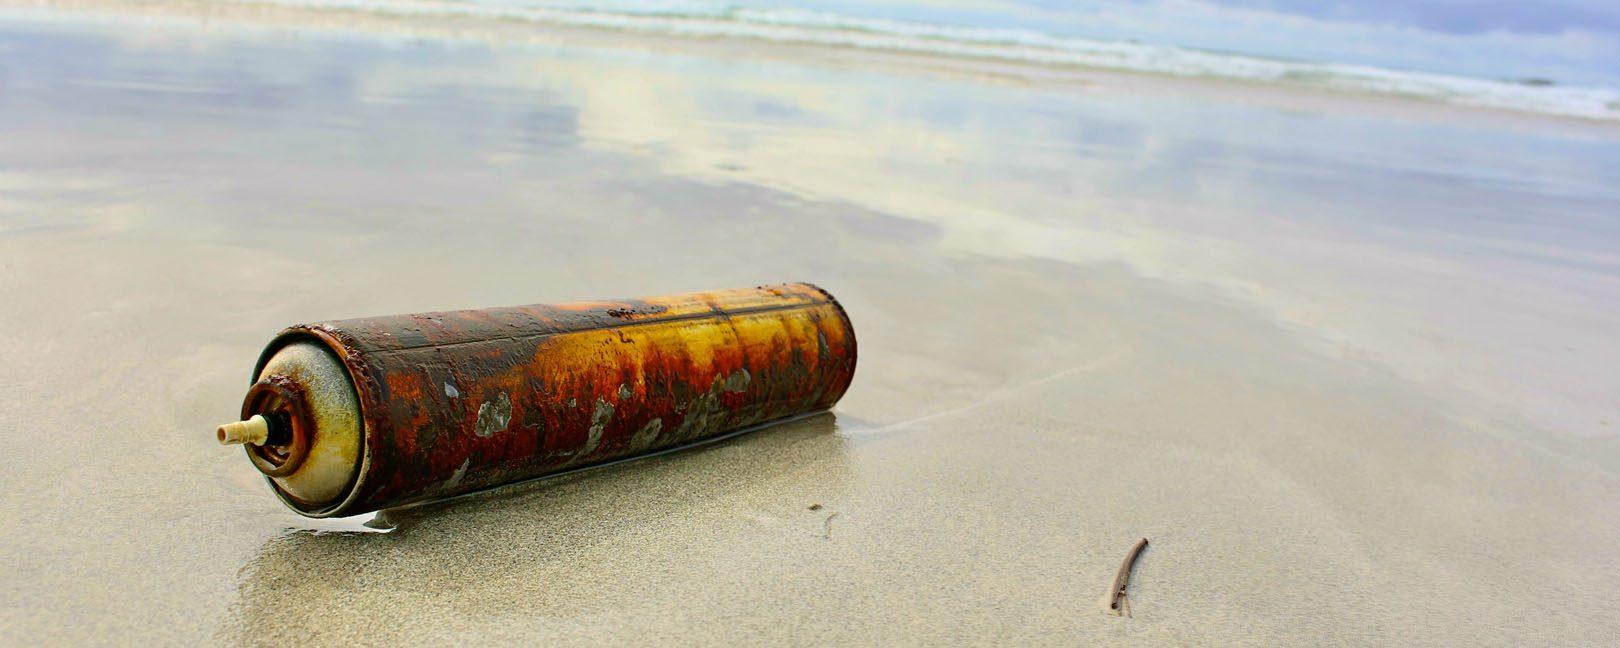 Gedankenreisen Umweltverschmutzung Achtsamkeit Spraydose